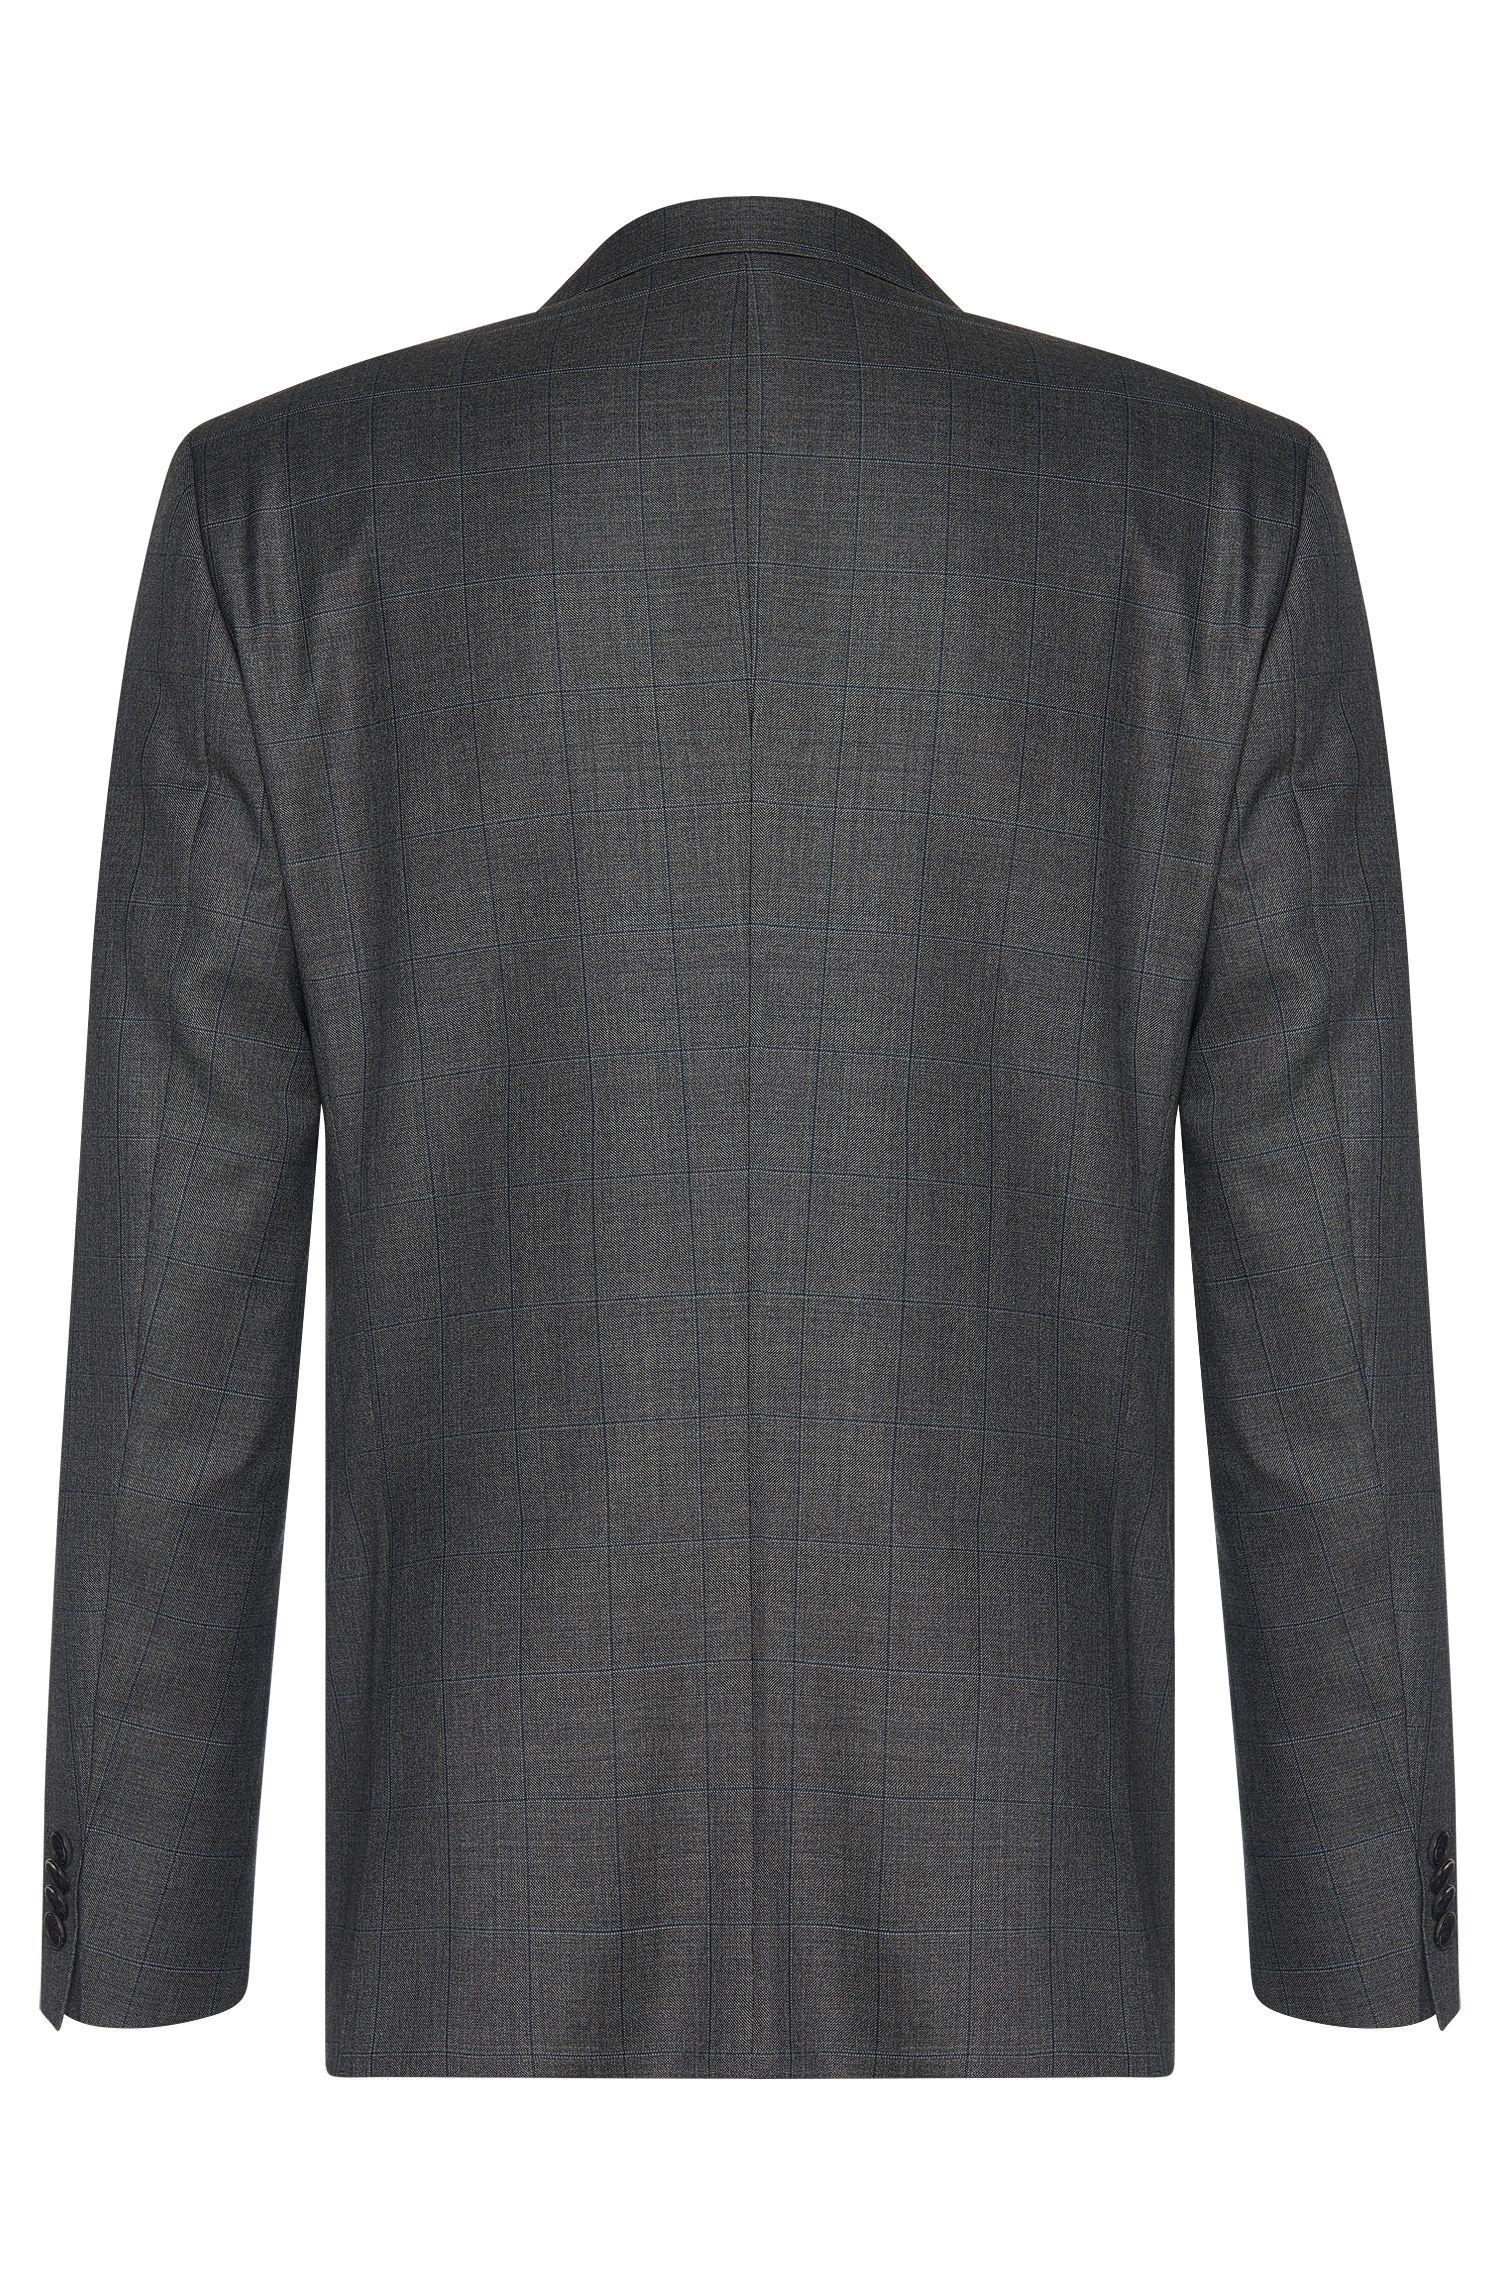 Karierter Slim-Fit Anzug aus reiner Schurwolle: 'Huge4/Genius3'